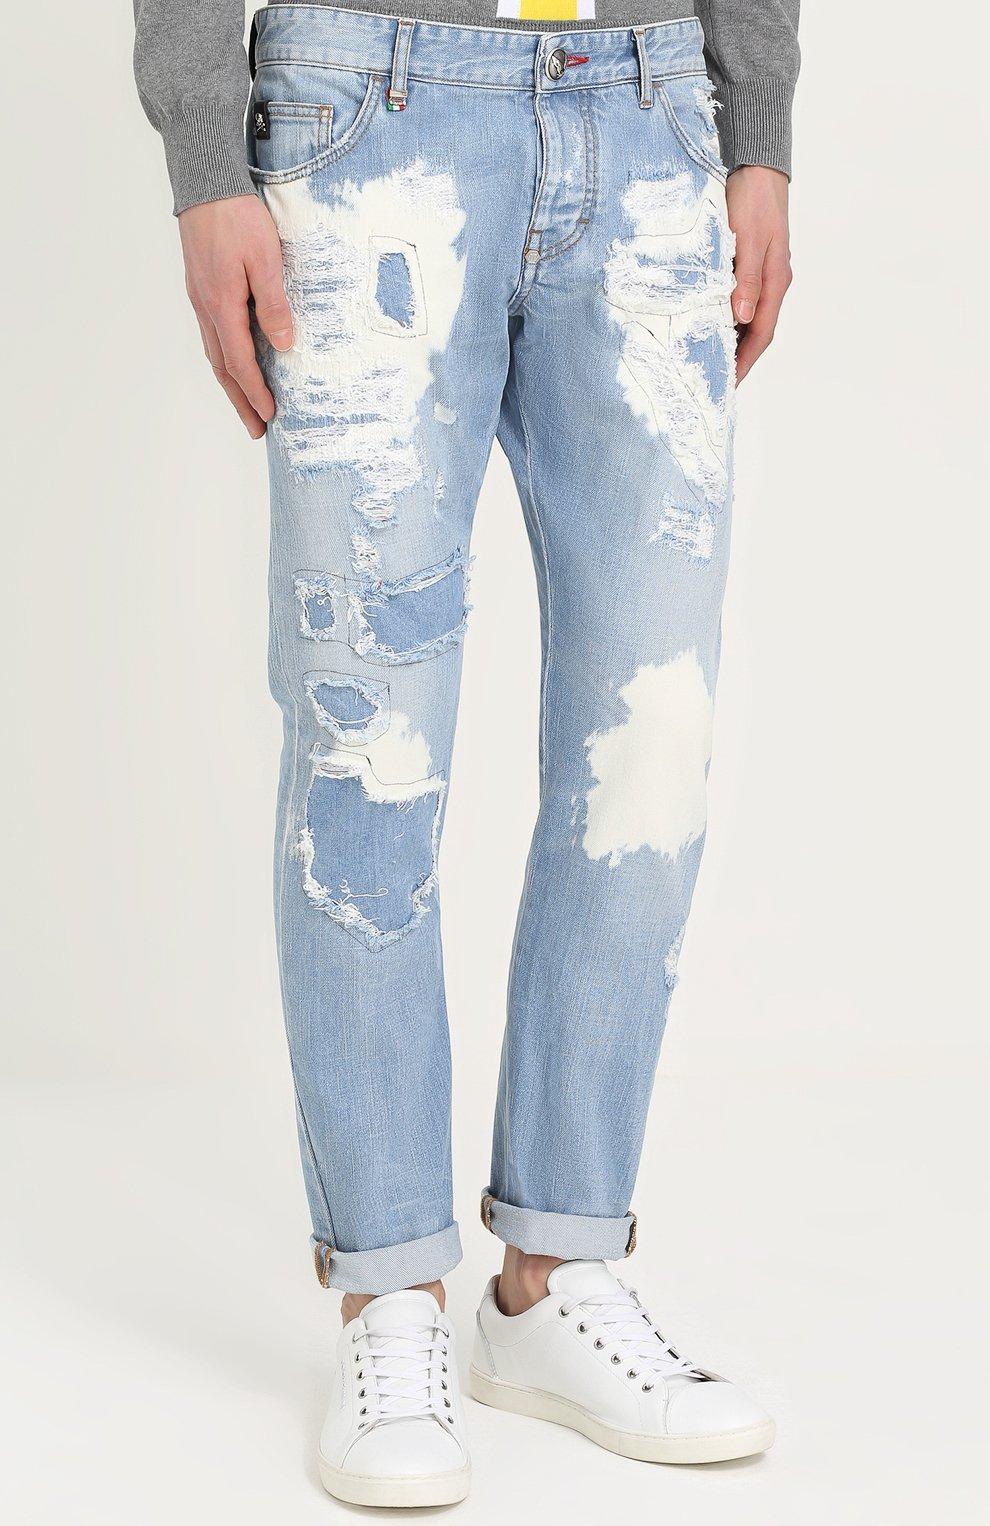 Голубые джинсы купить с доставкой